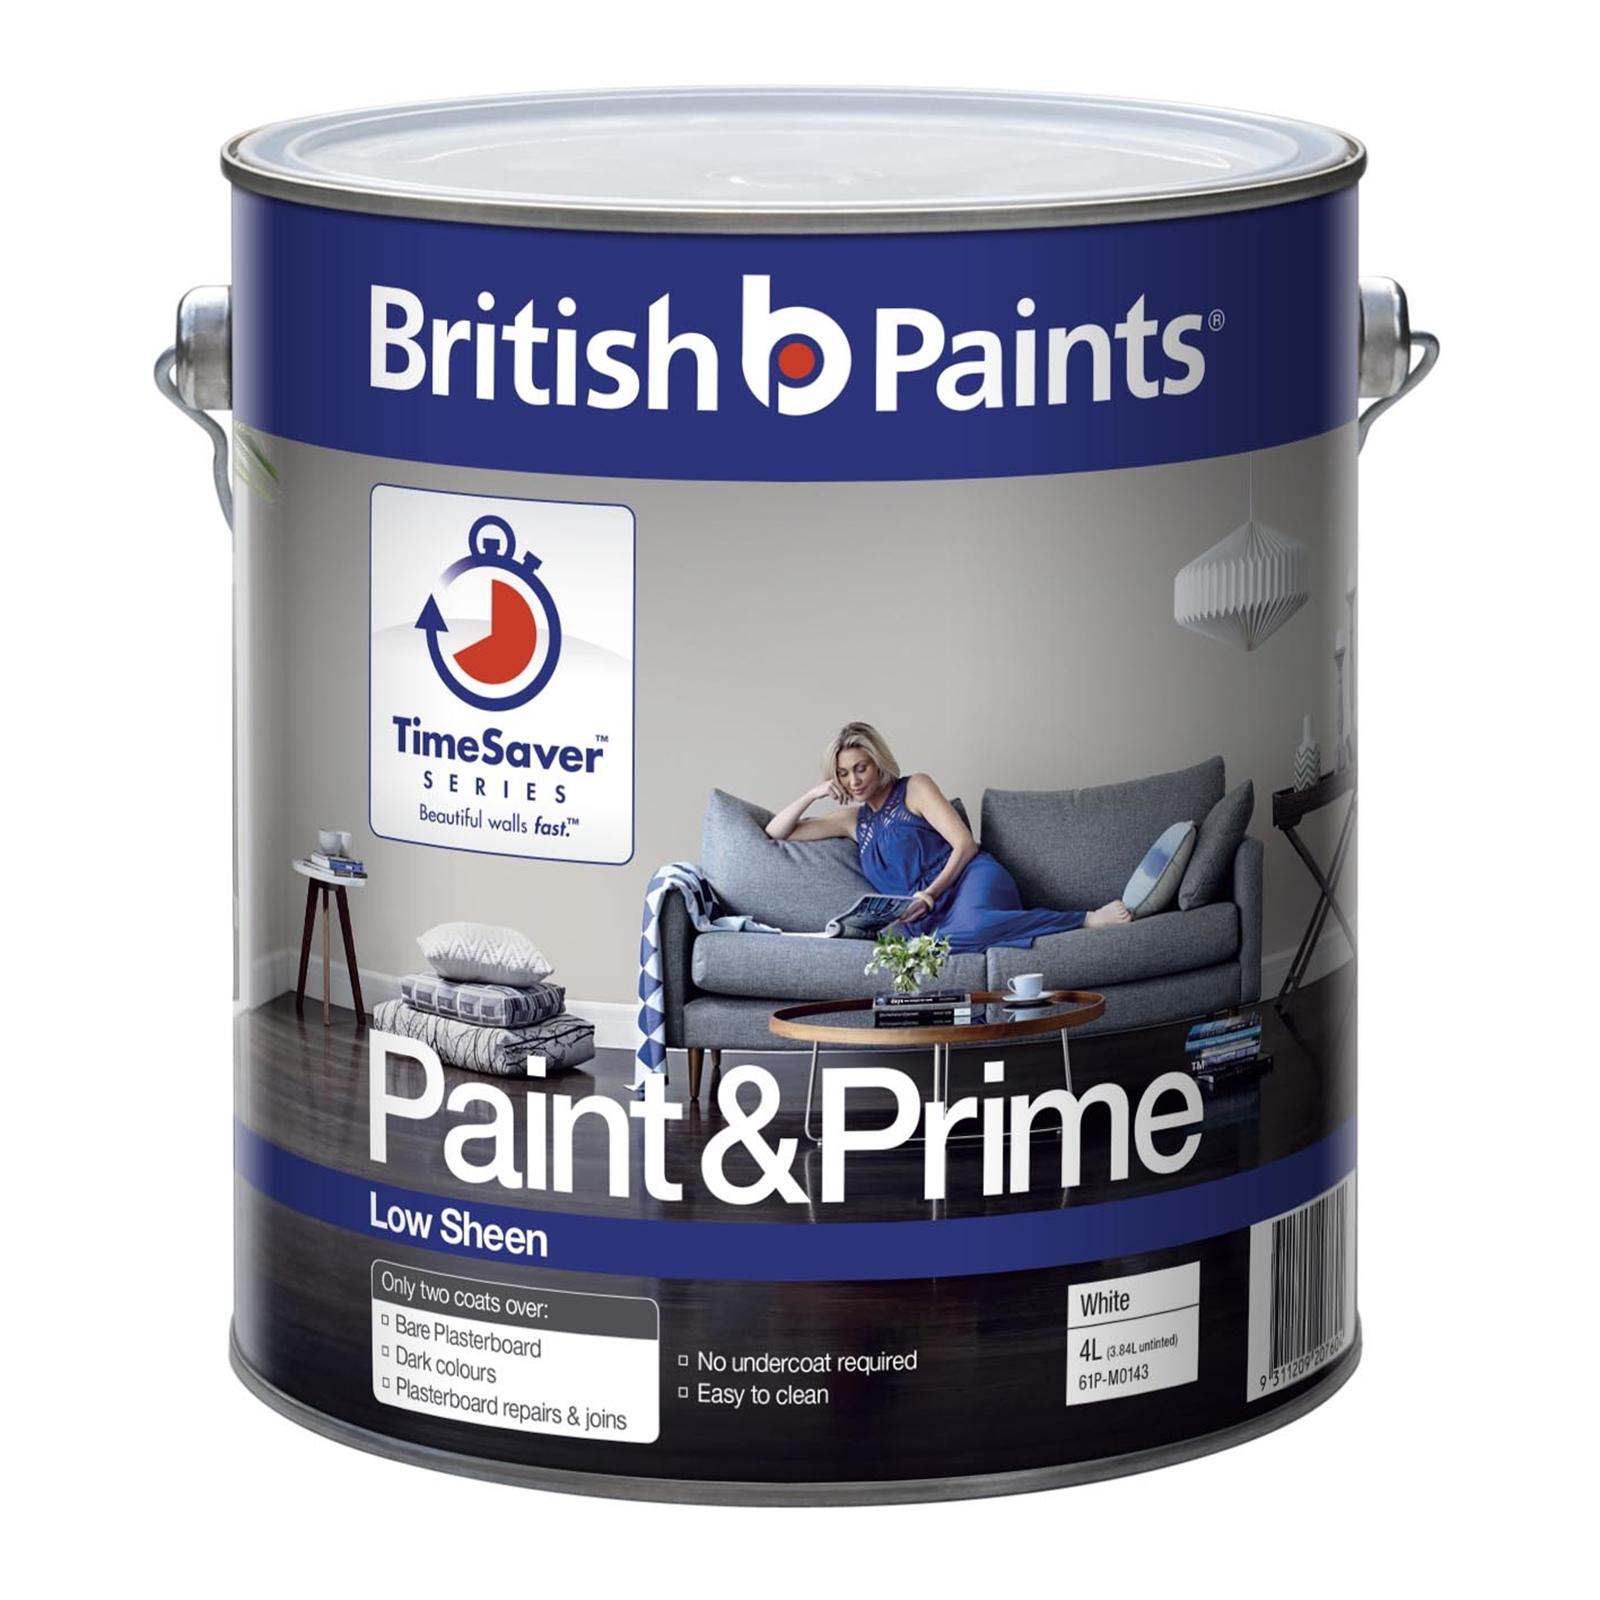 British Paints 4L Paint & Prime Low Sheen Interior